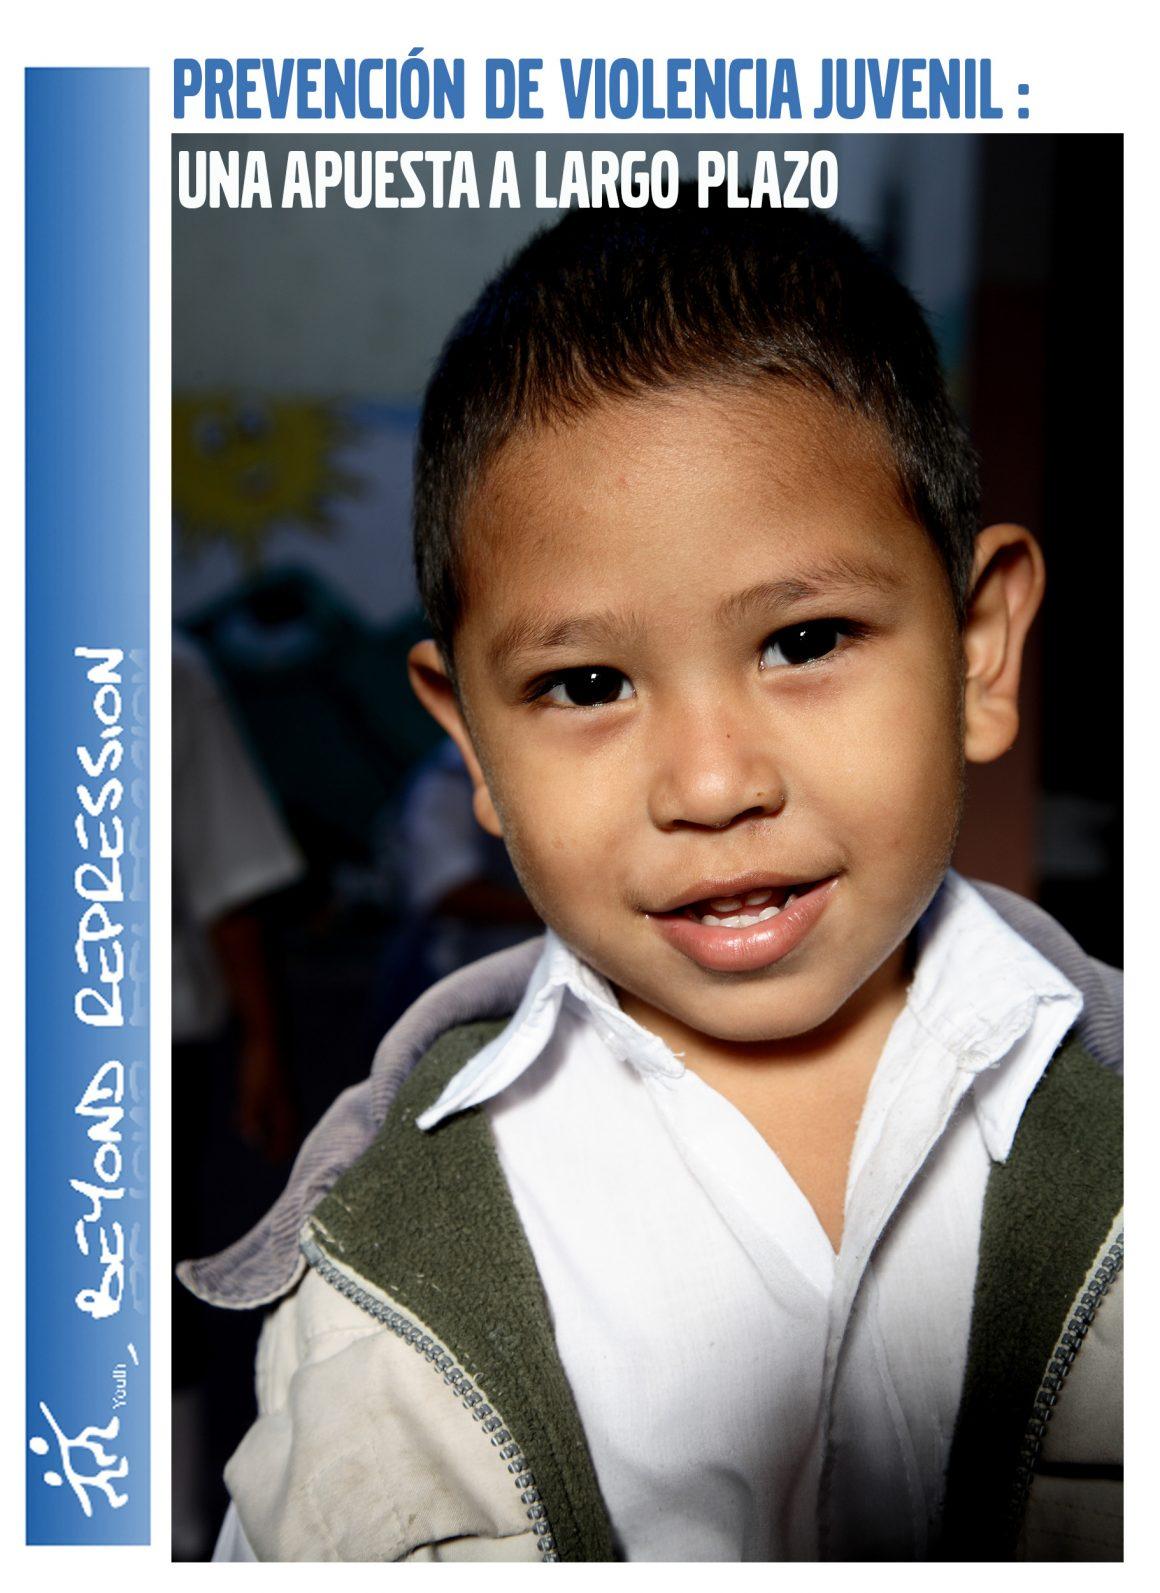 Prevención de Violencia Juvenil (2008)